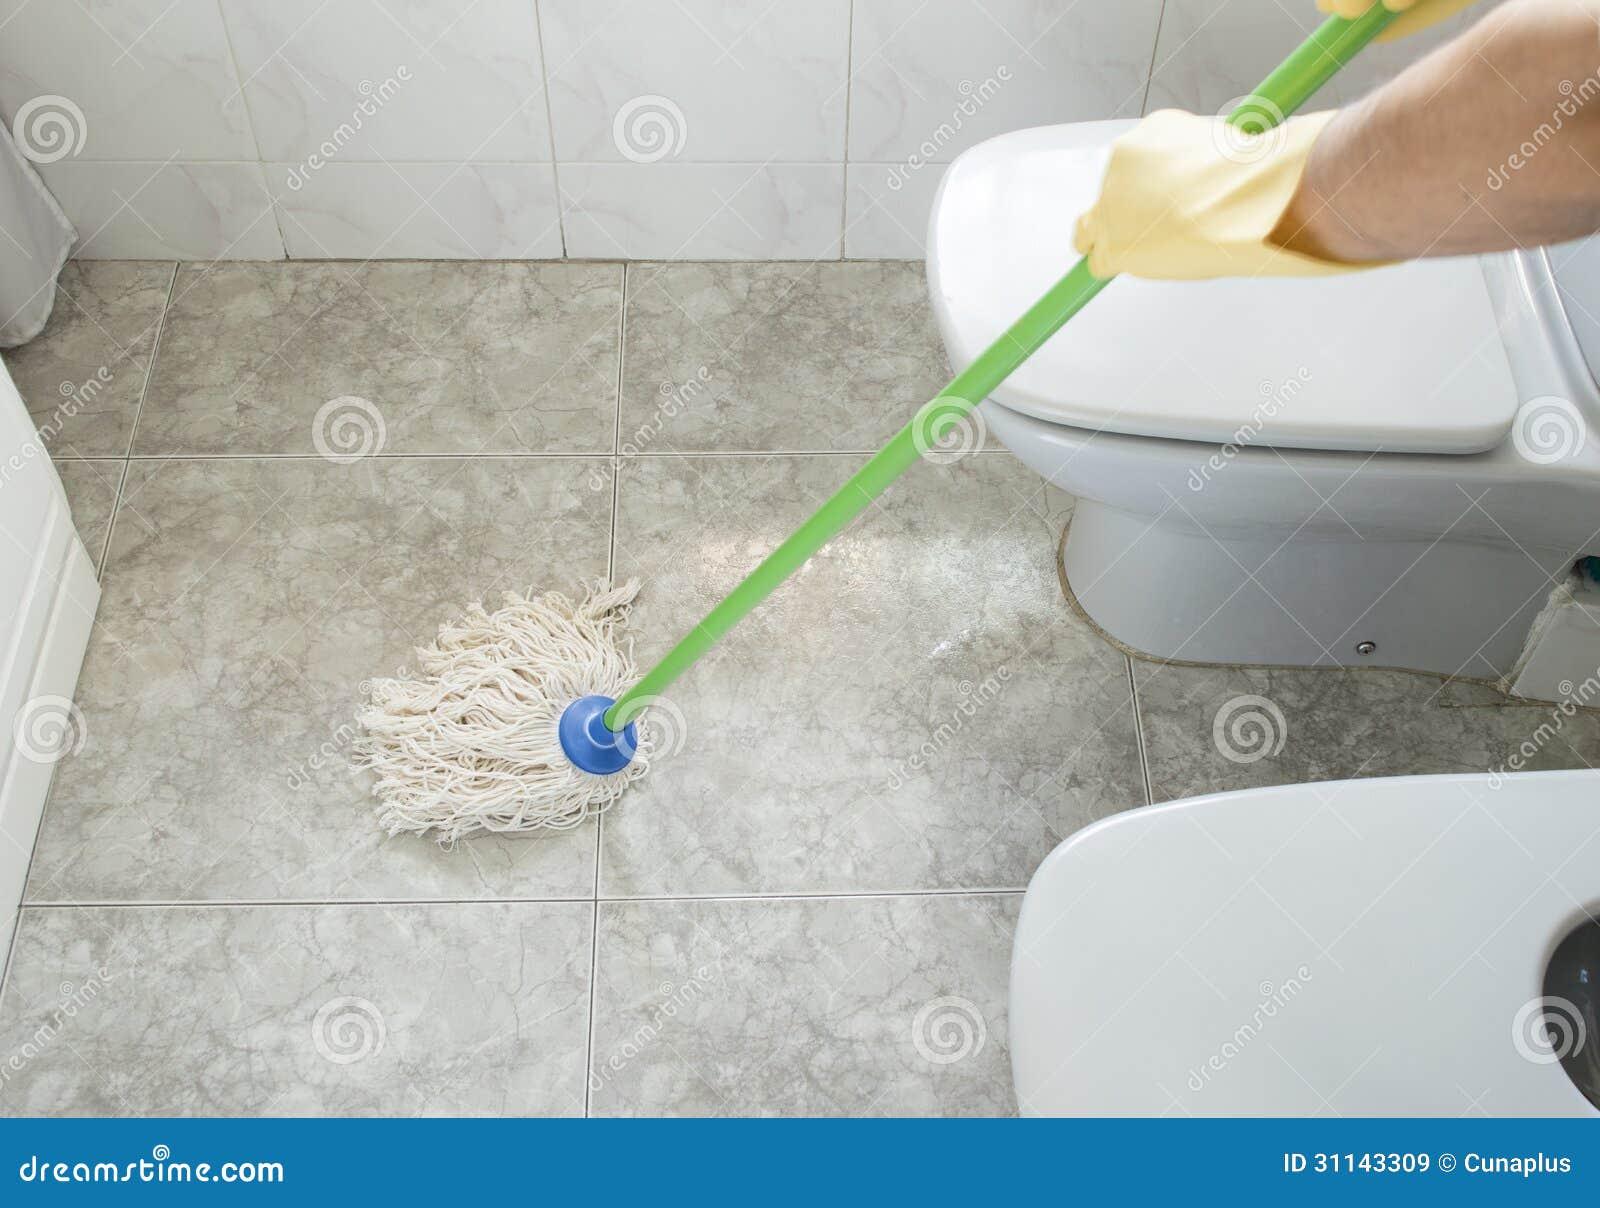 Imagenes De Limpieza Baño:Woman Scrubbing Floor Bathroom